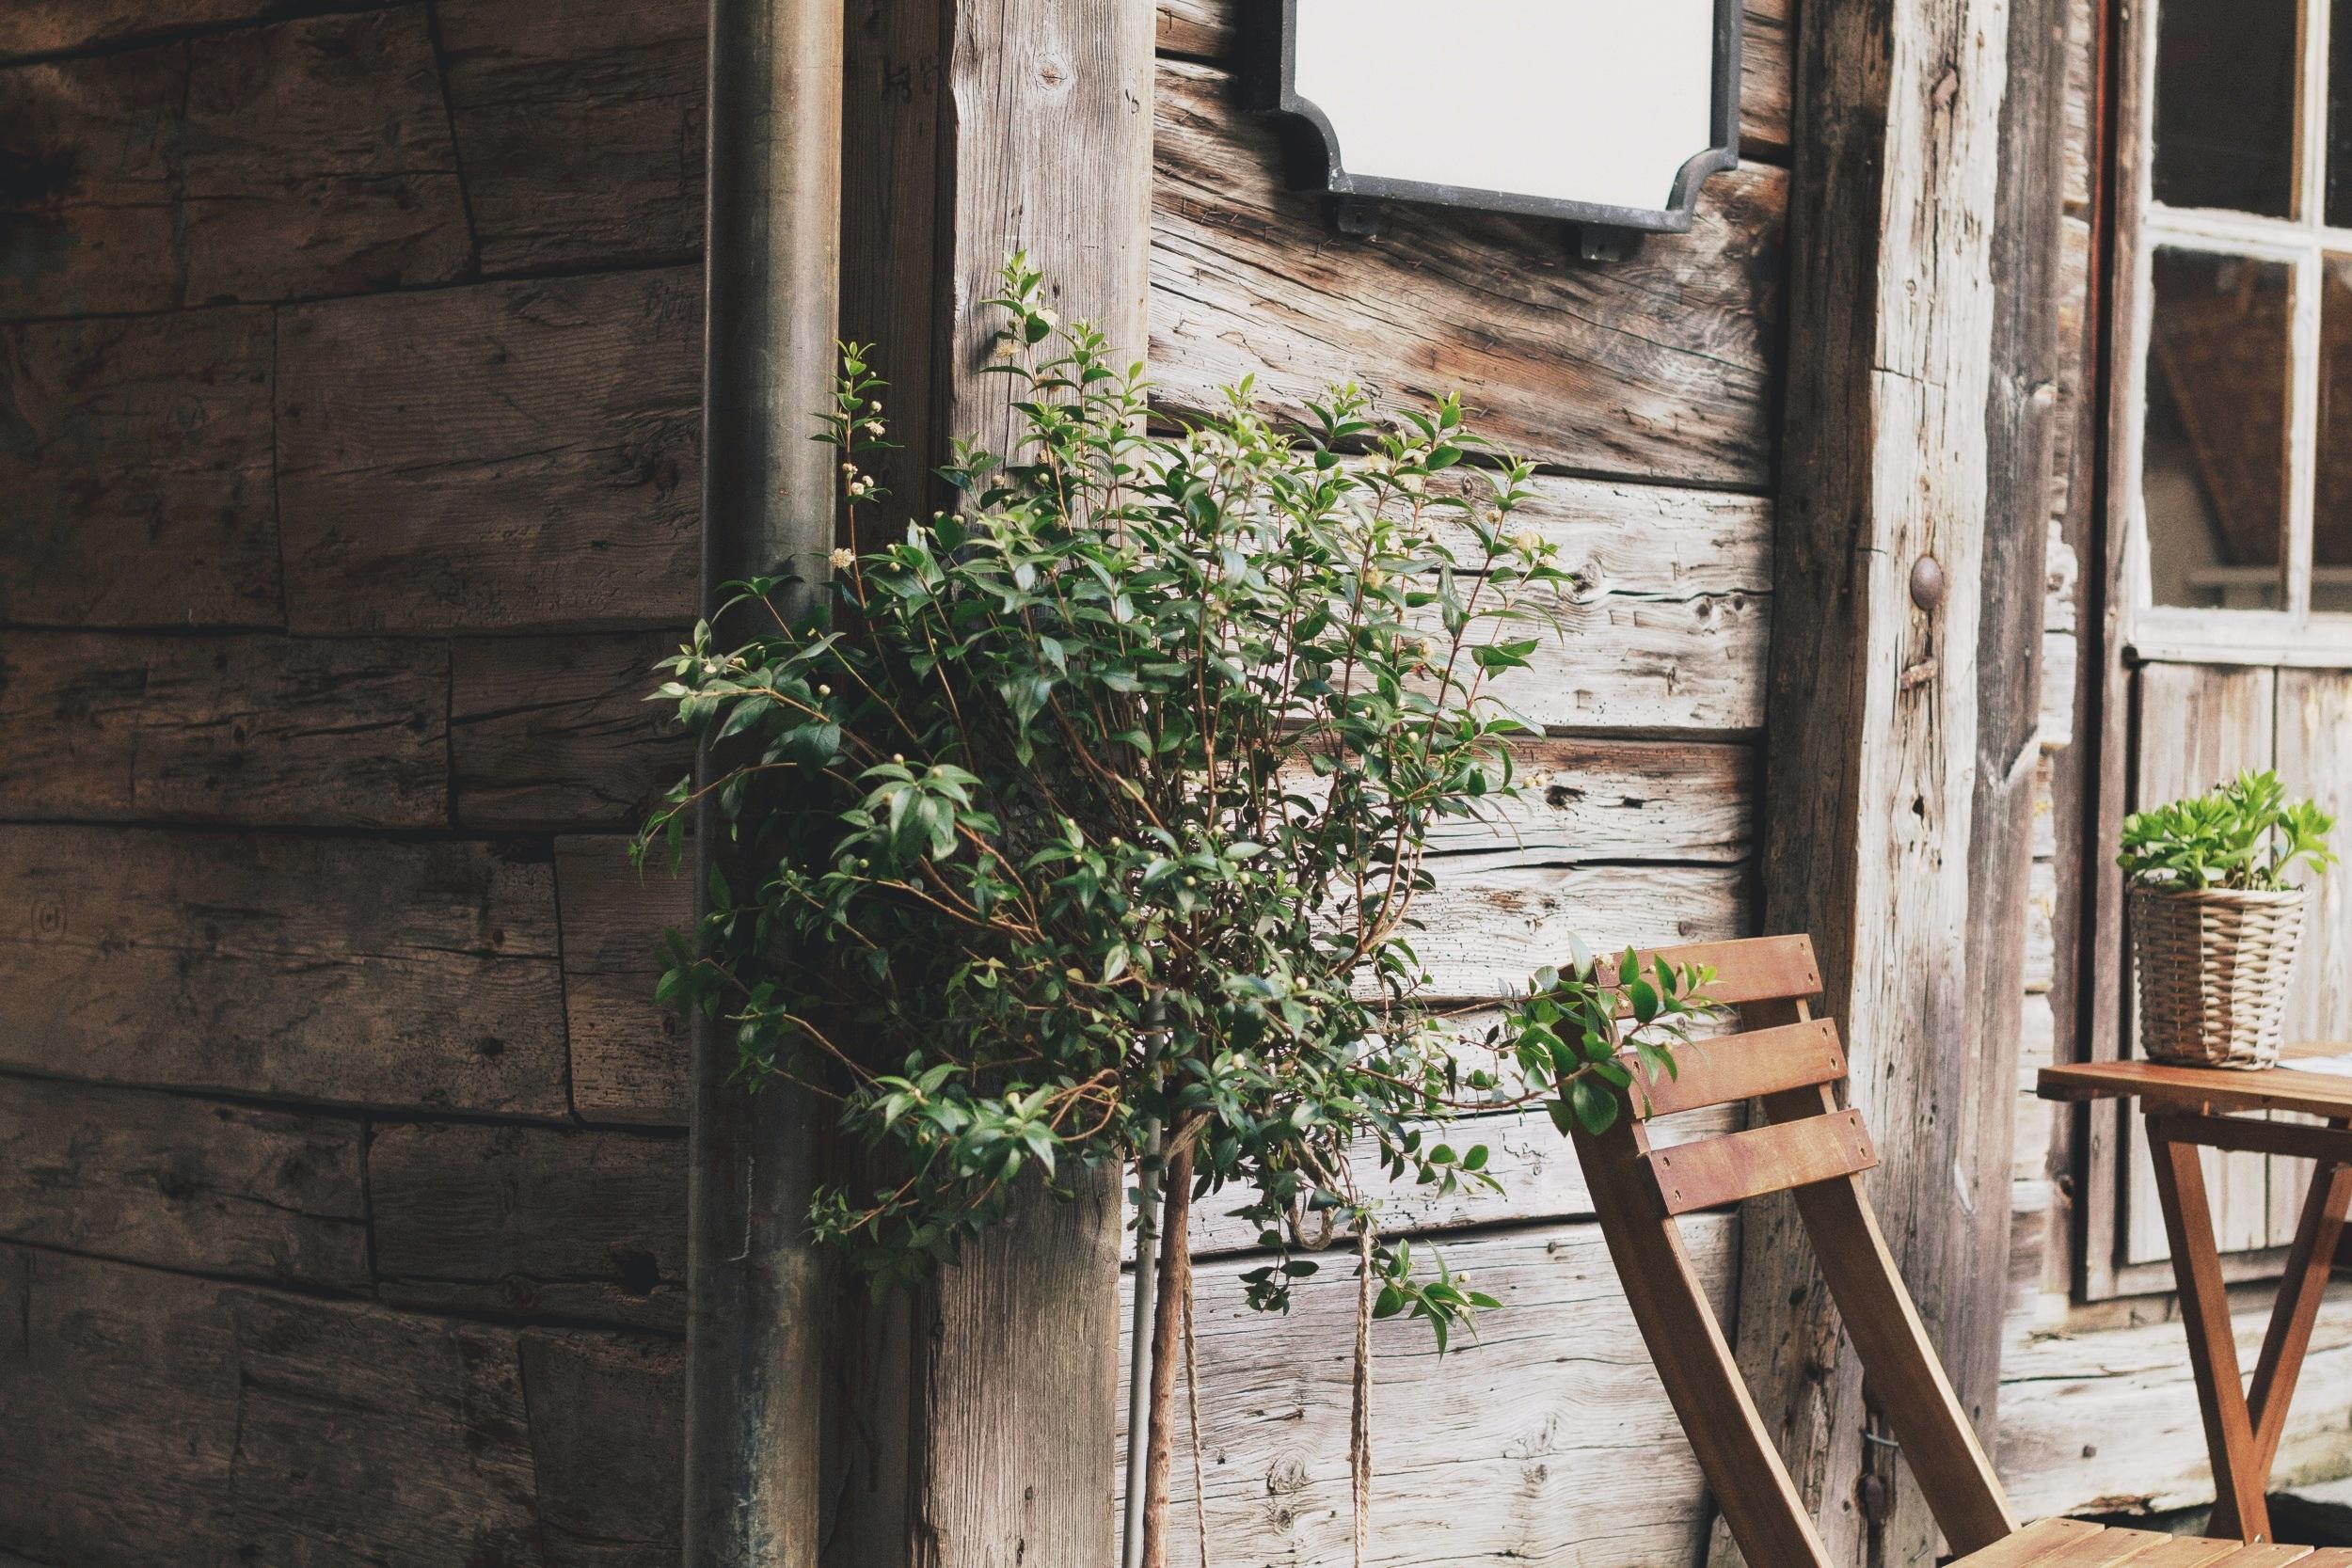 Venturi_Schulze_Vineyards_Farmhouse.jpg